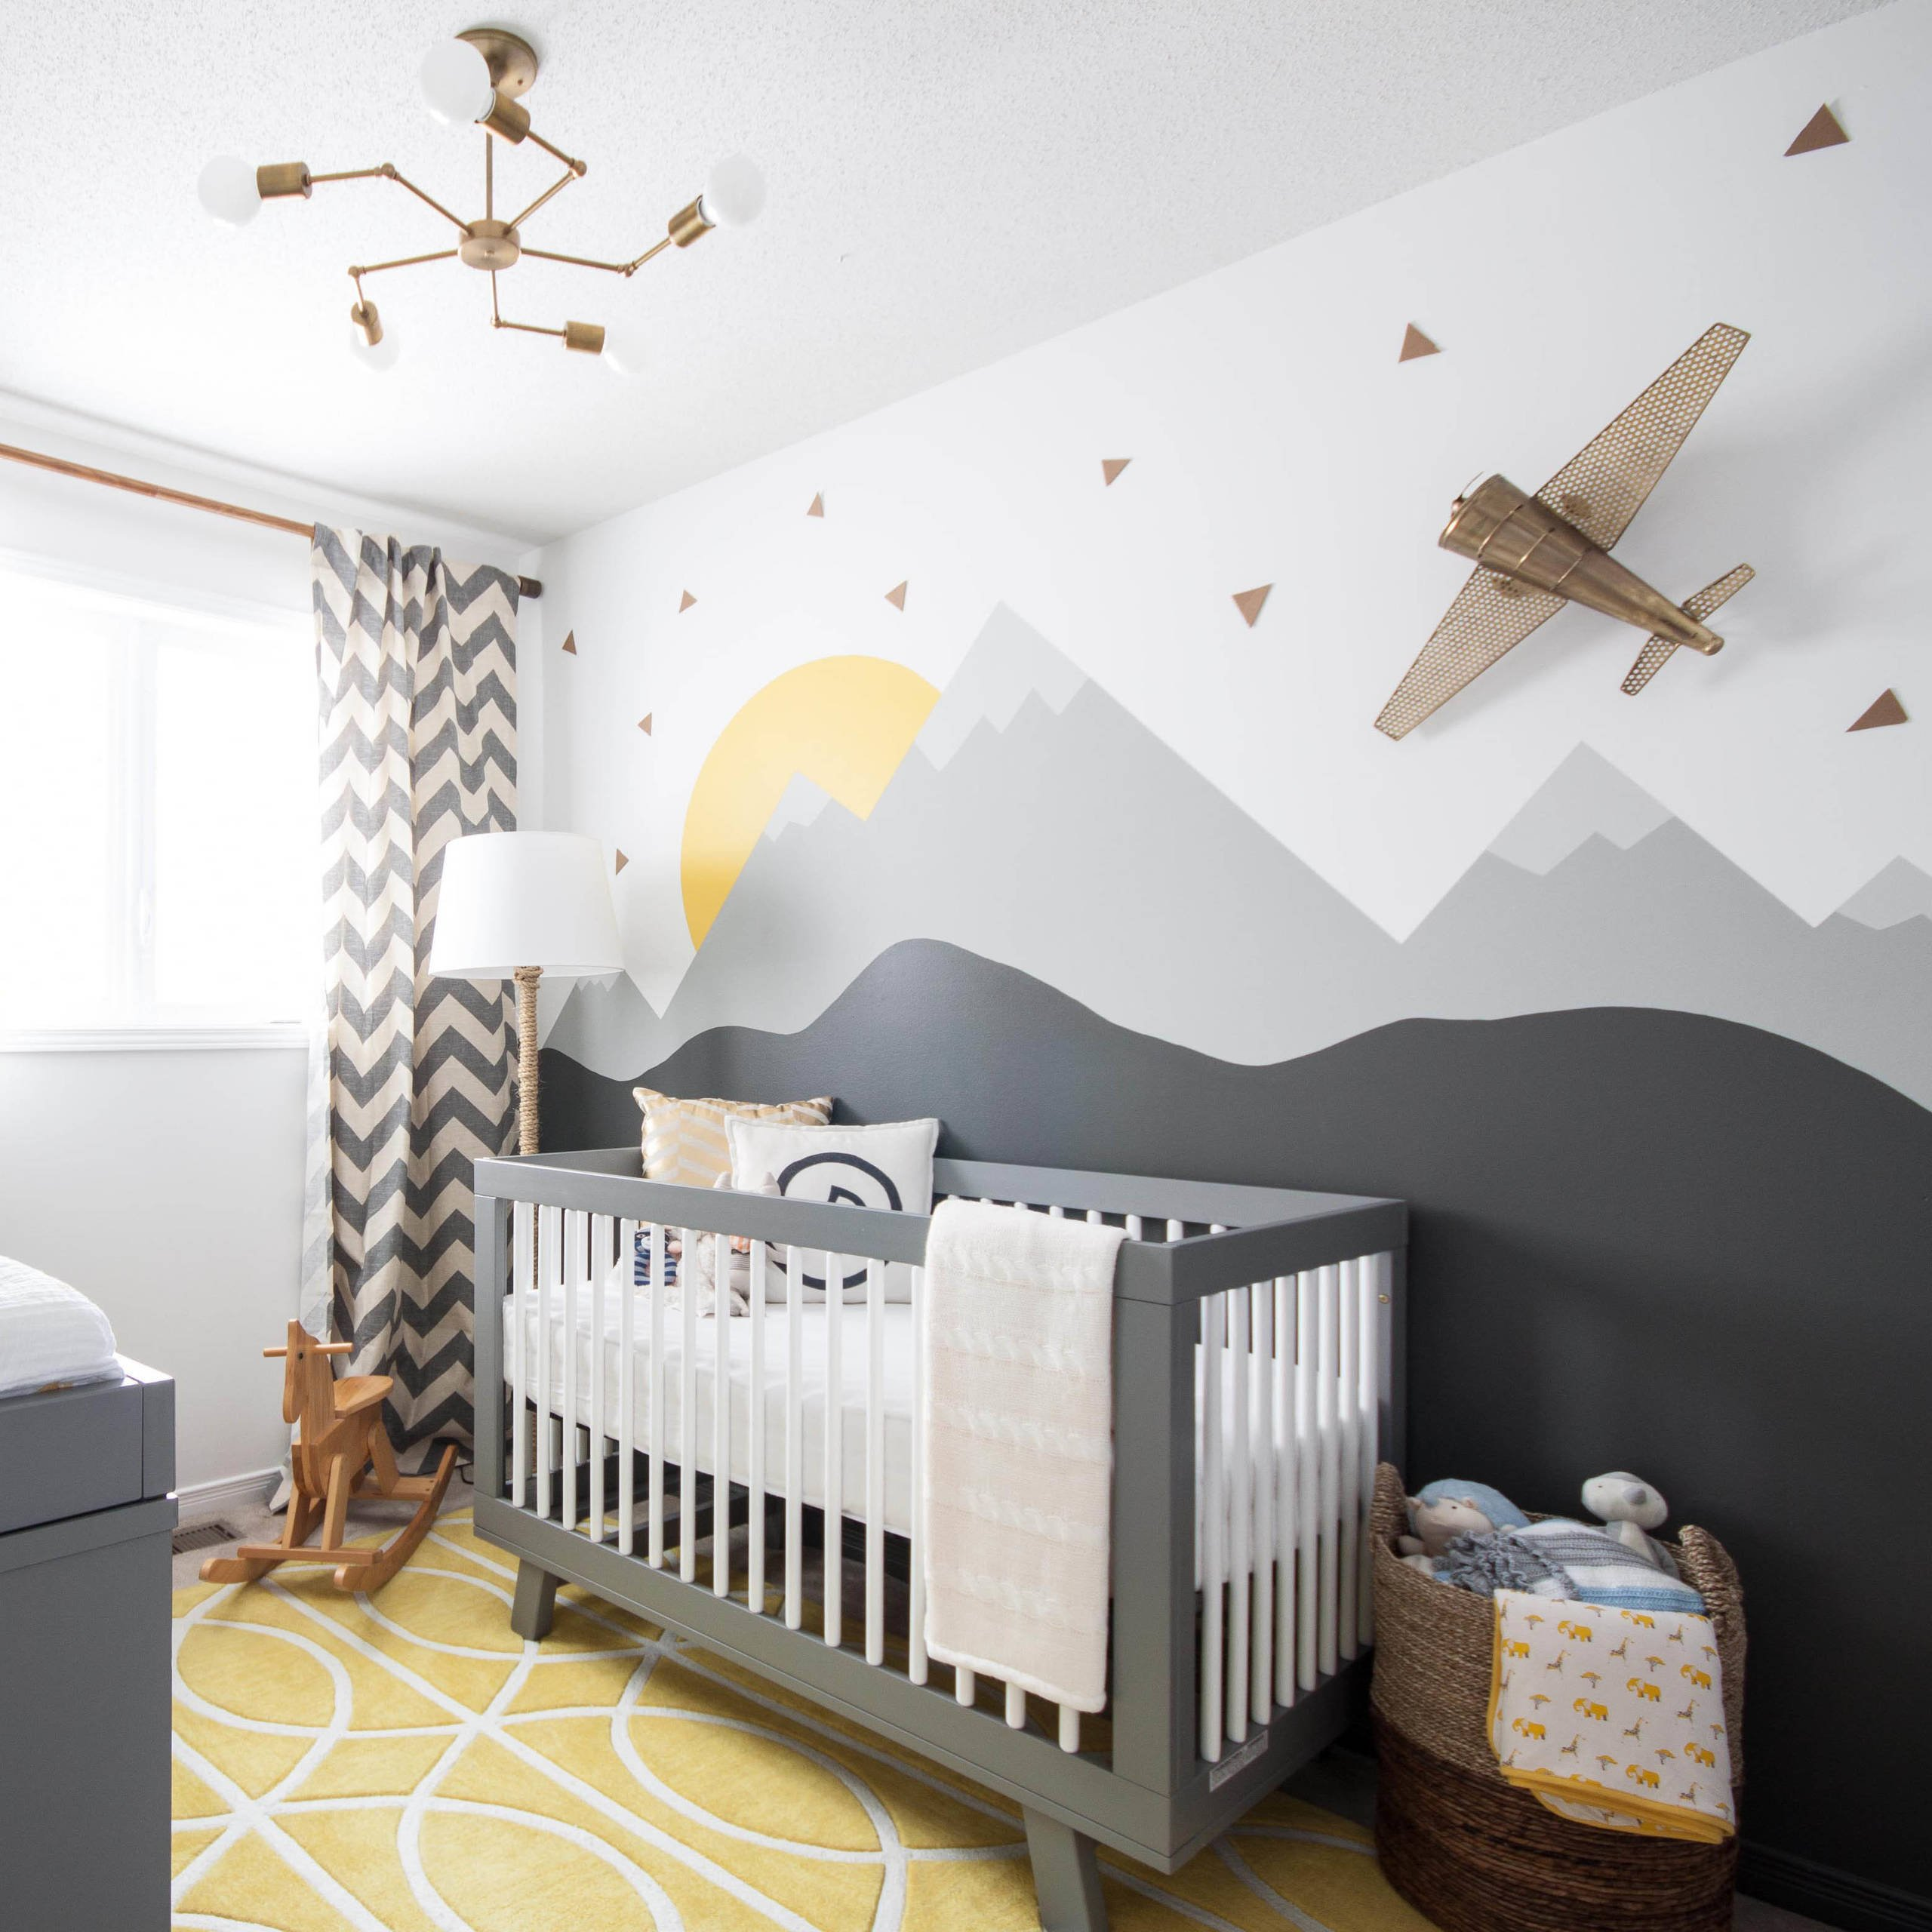 #2 Idee für Wandgestaltung Schlafzimmer: Fliege auf den Flügeln der Fantasie